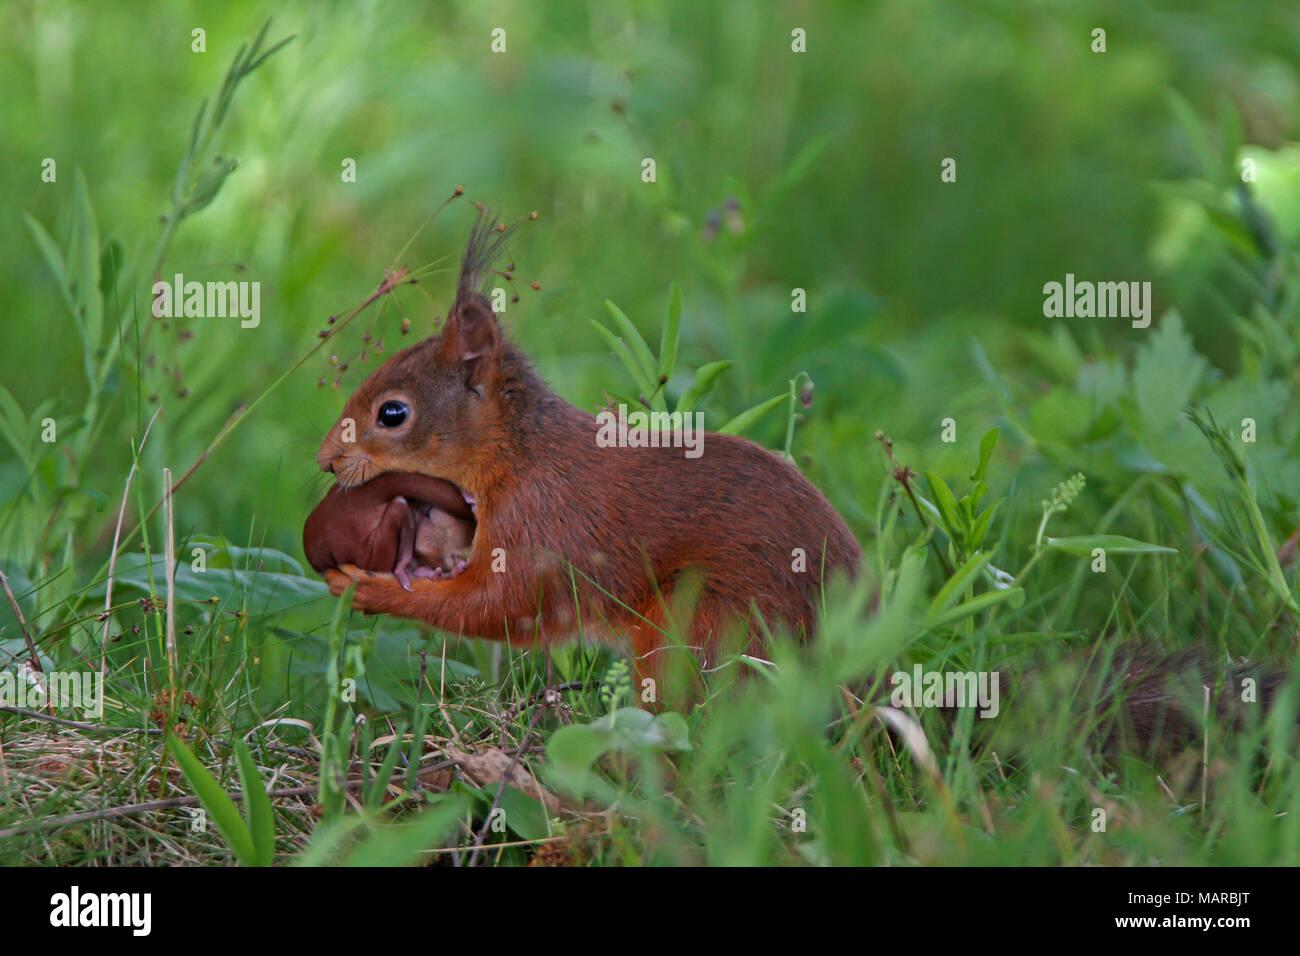 L'Écureuil roux (Sciurus vulgaris). Mère portant les jeunes. Dalarna, Suède Banque D'Images